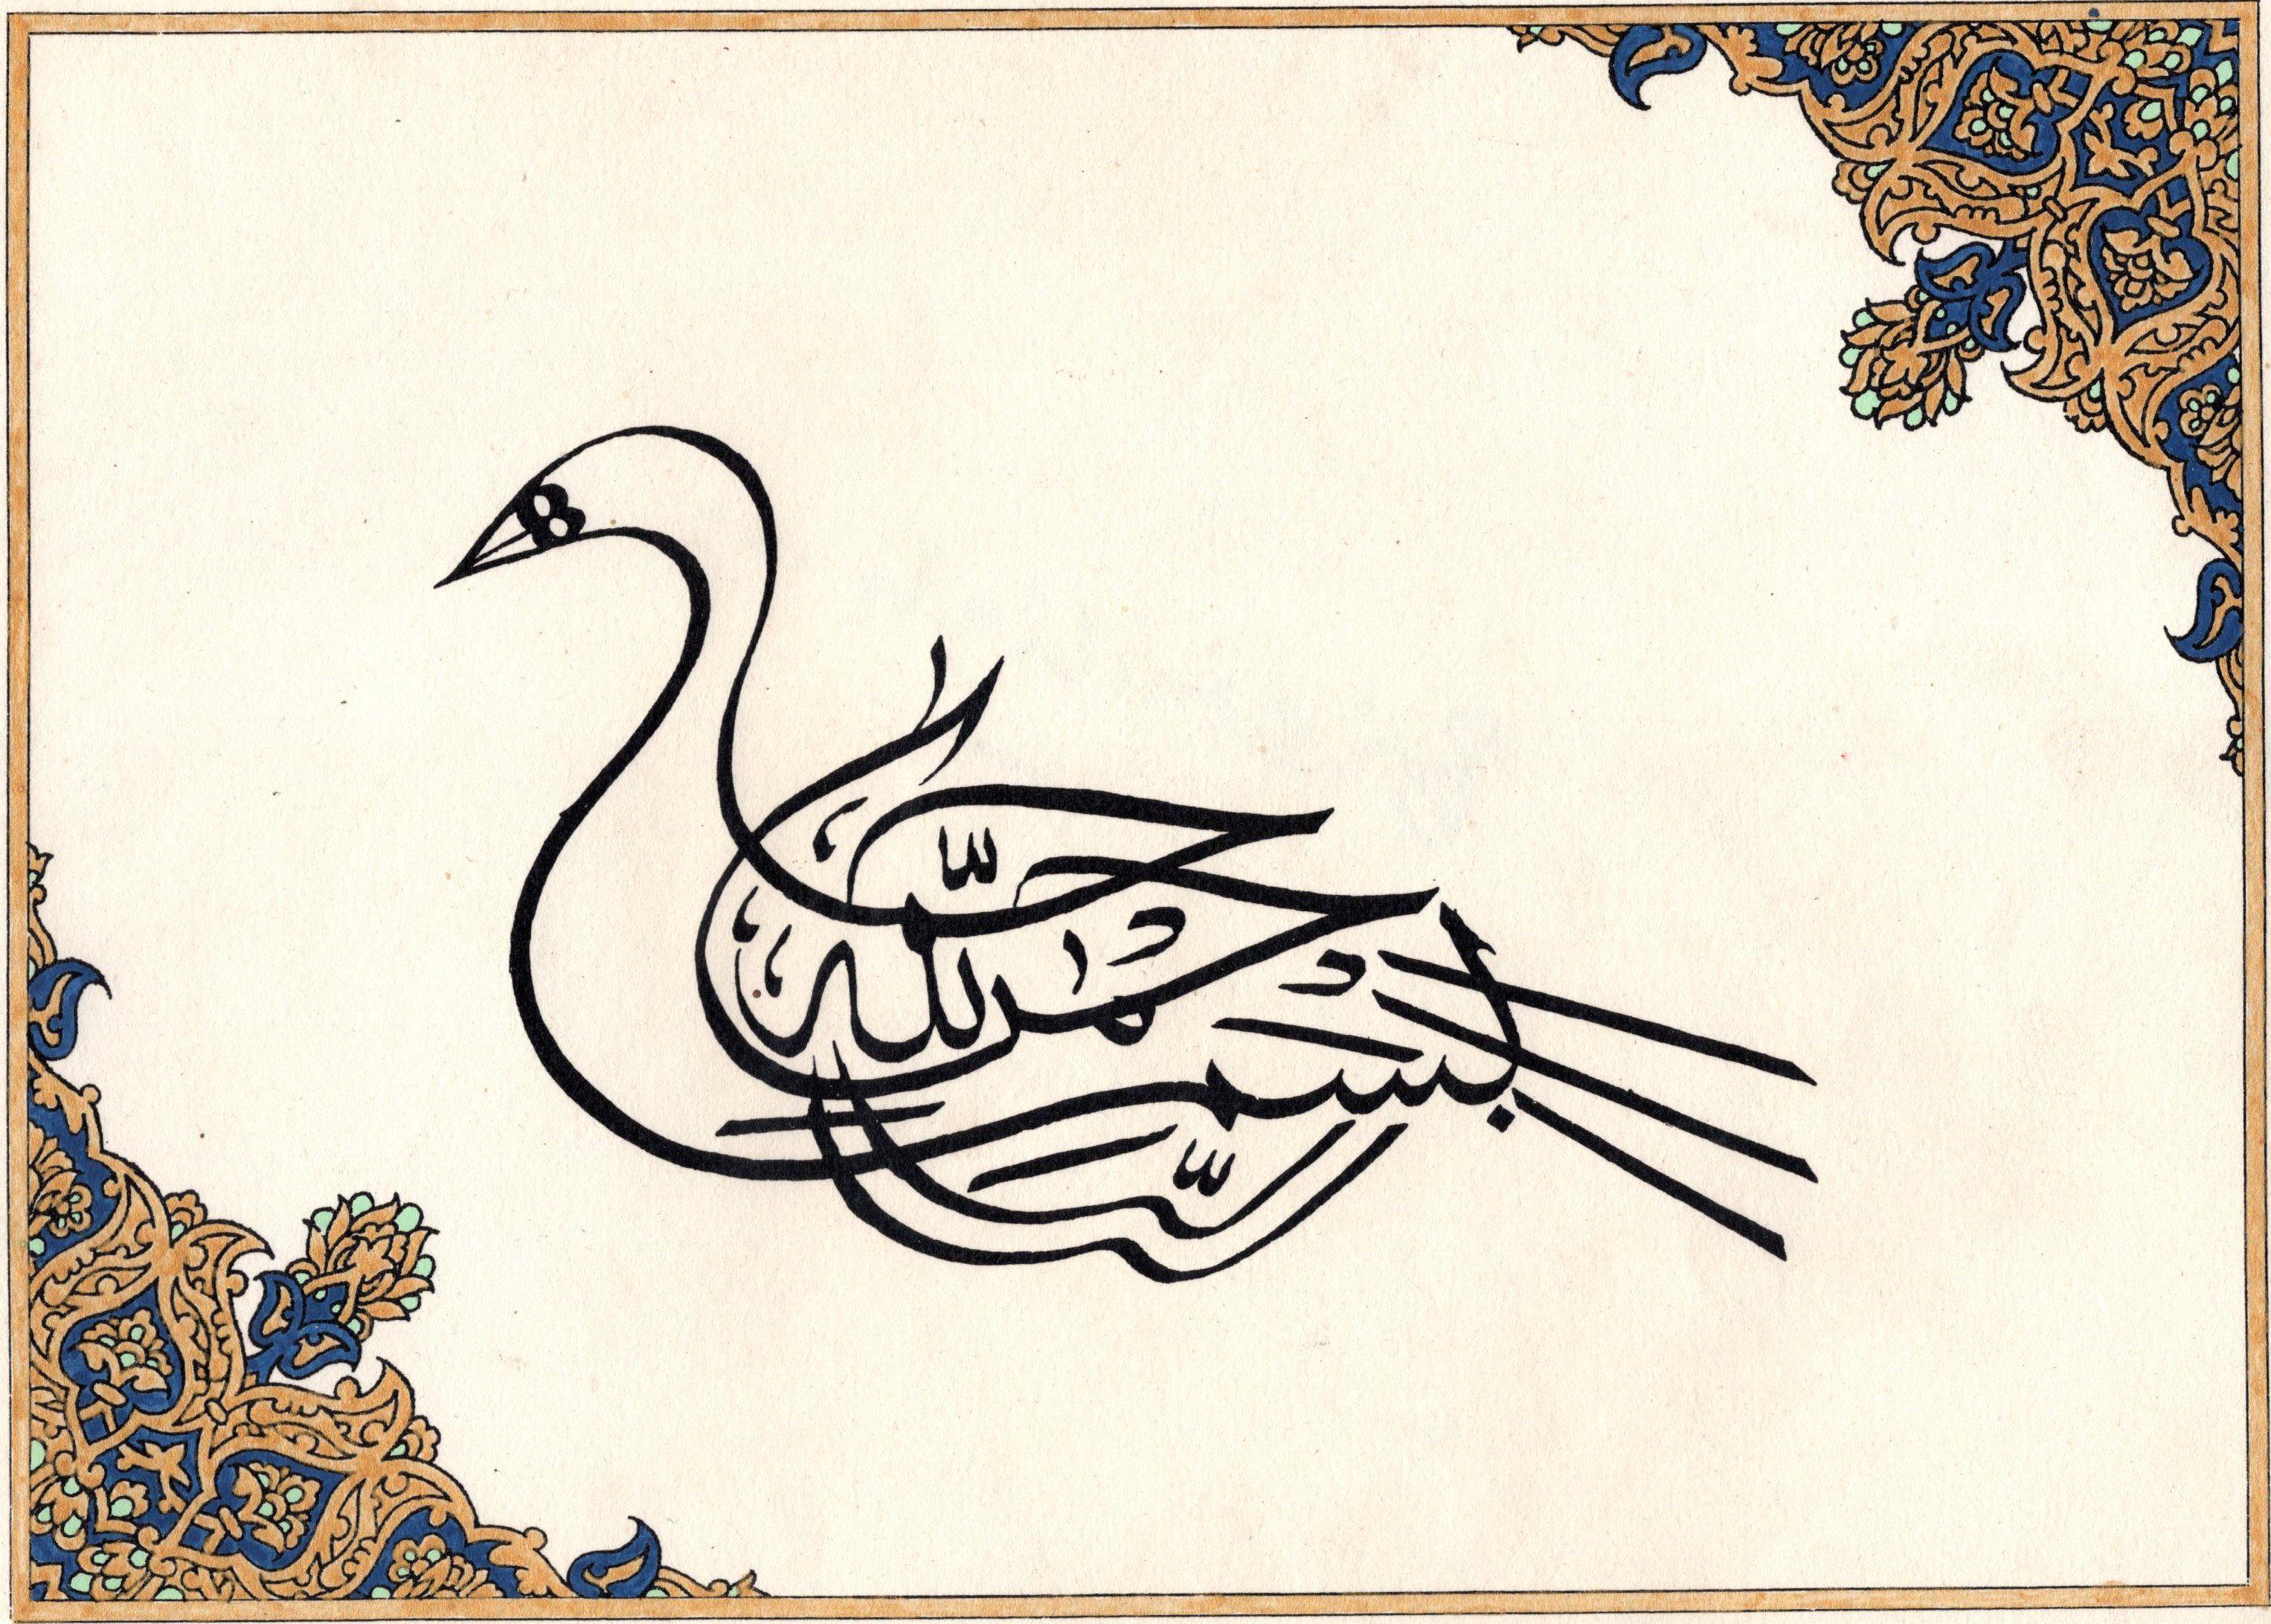 Pin on BESMELE - ( بسم الله الرحمن الرحيم )